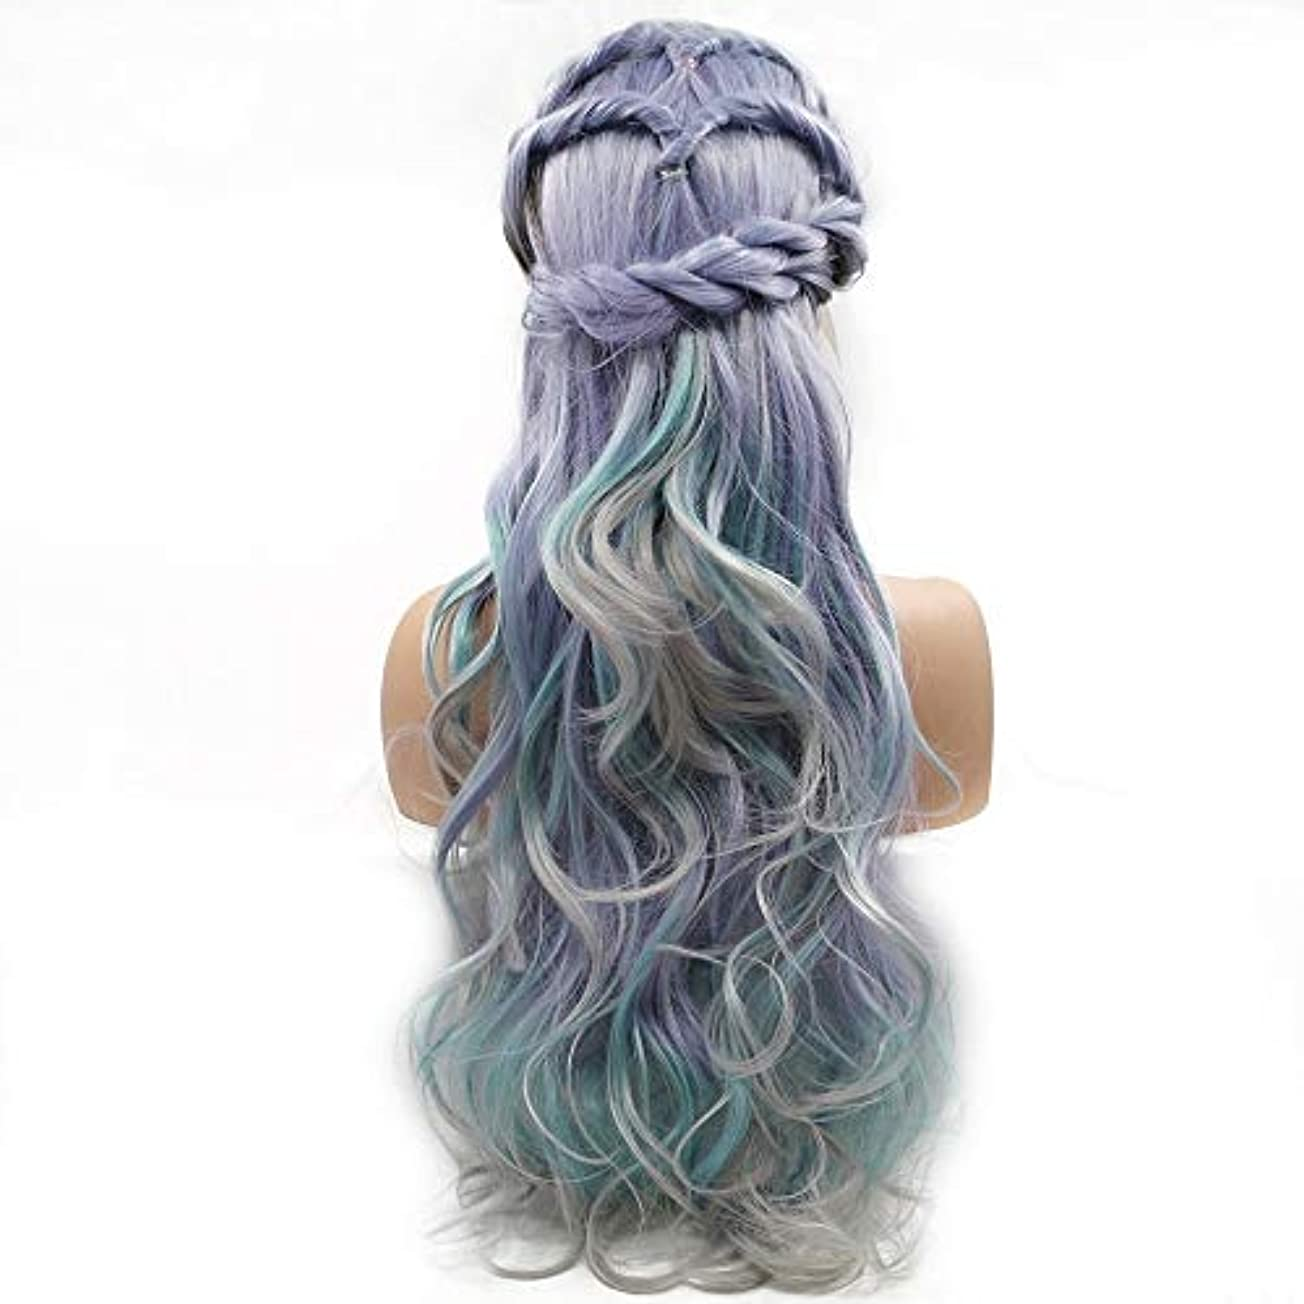 赤道フロー乳白HAILAN HOME-かつら ウィッグ髪にグラデーションの色先見の明髪カーリーヘアウィッグレディース手作りのレースのヨーロッパとアメリカのウィッグセットが自然リアルな換気を配置します